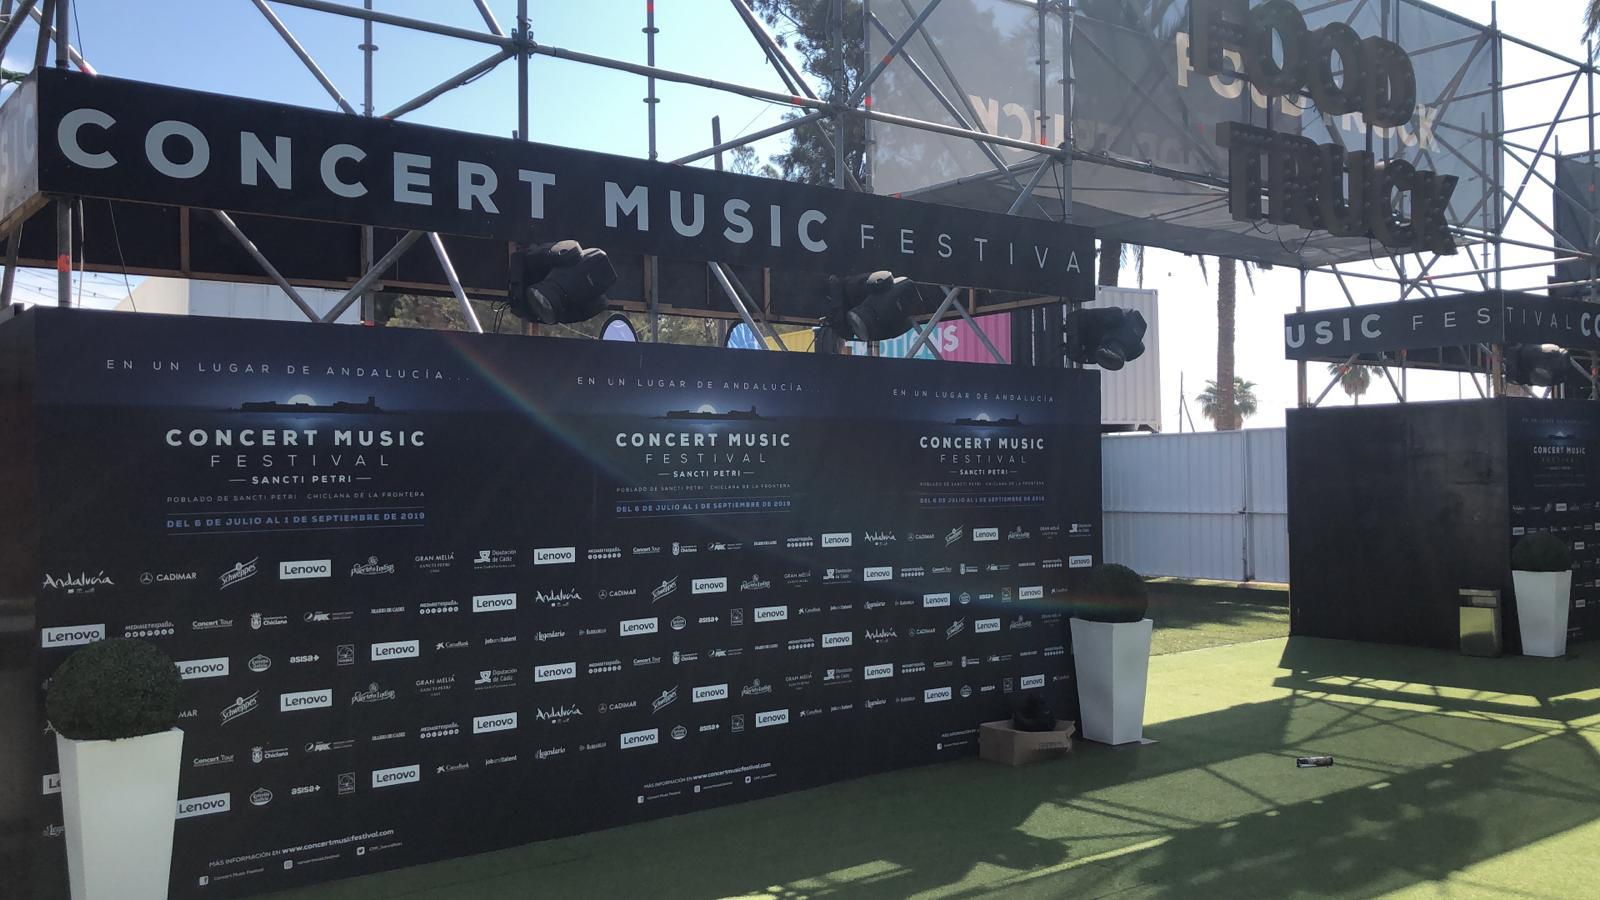 concert music festival chiclana rotulacion